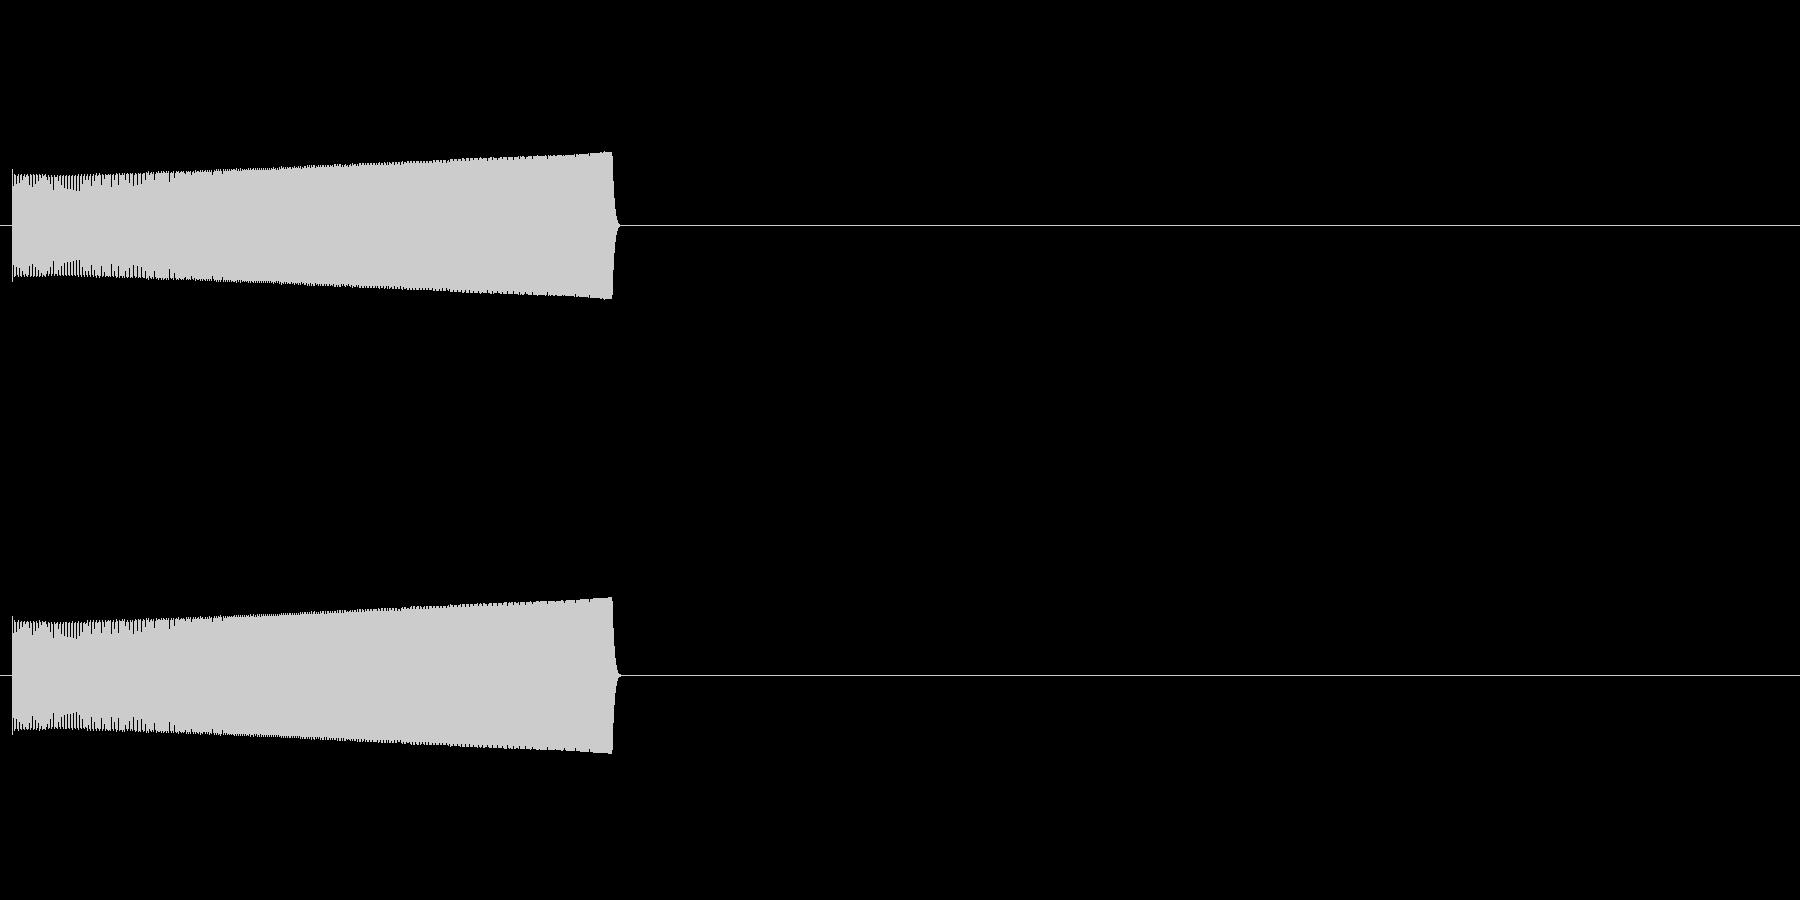 パチンコ用リーチ演出用効果音の未再生の波形